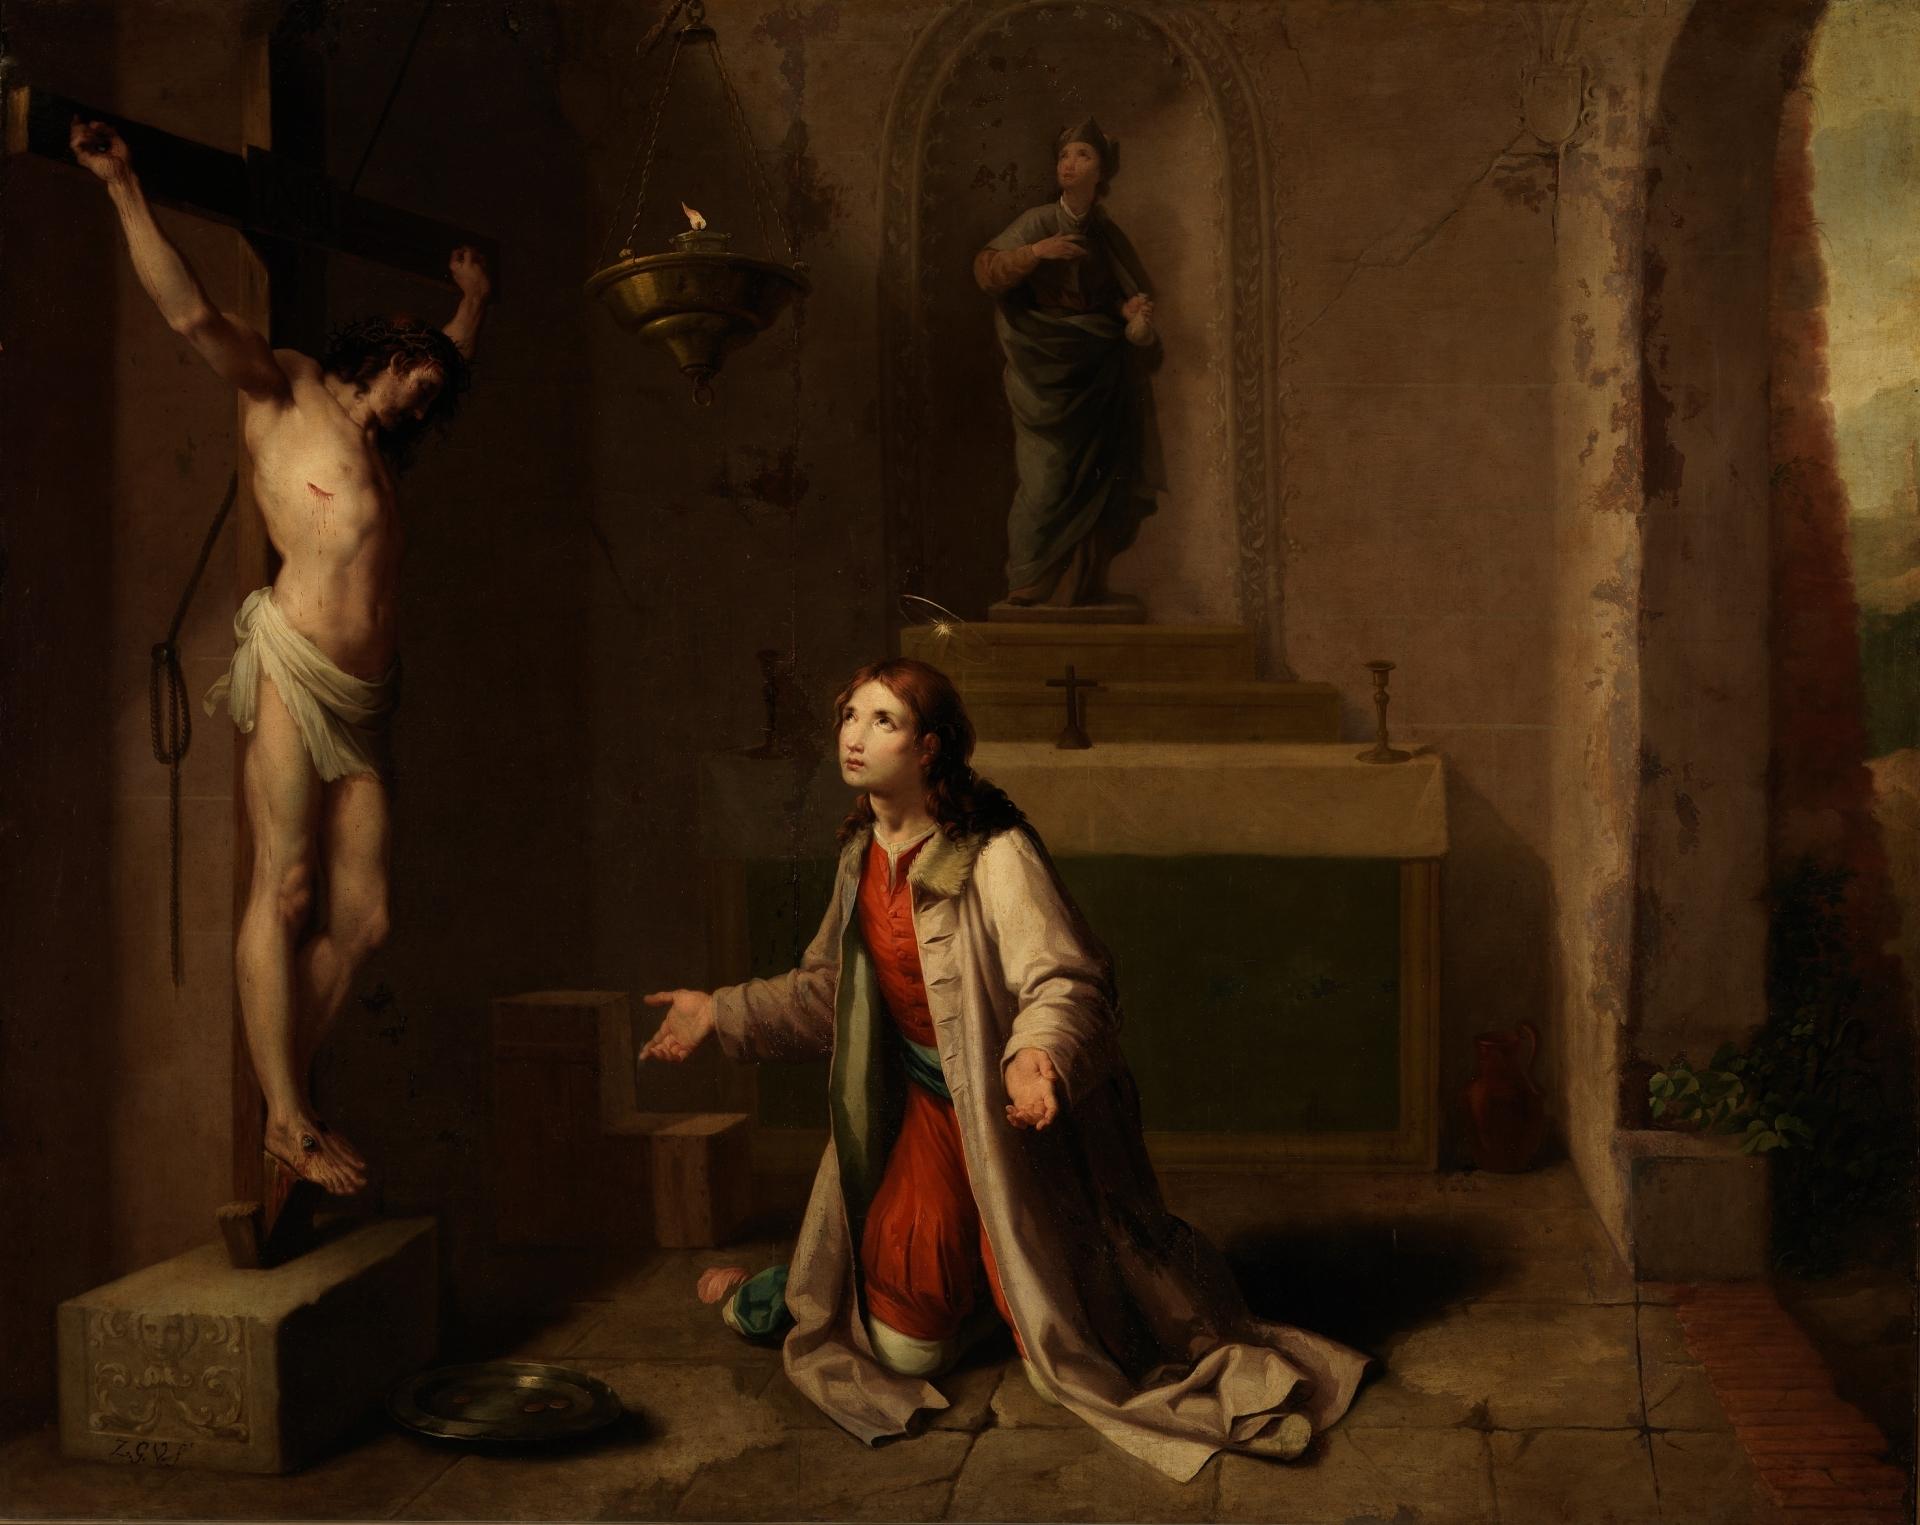 ac5cc8f73cf San Francisco orando ante el Cristo de San Damián - Colección - Museo  Nacional del Prado